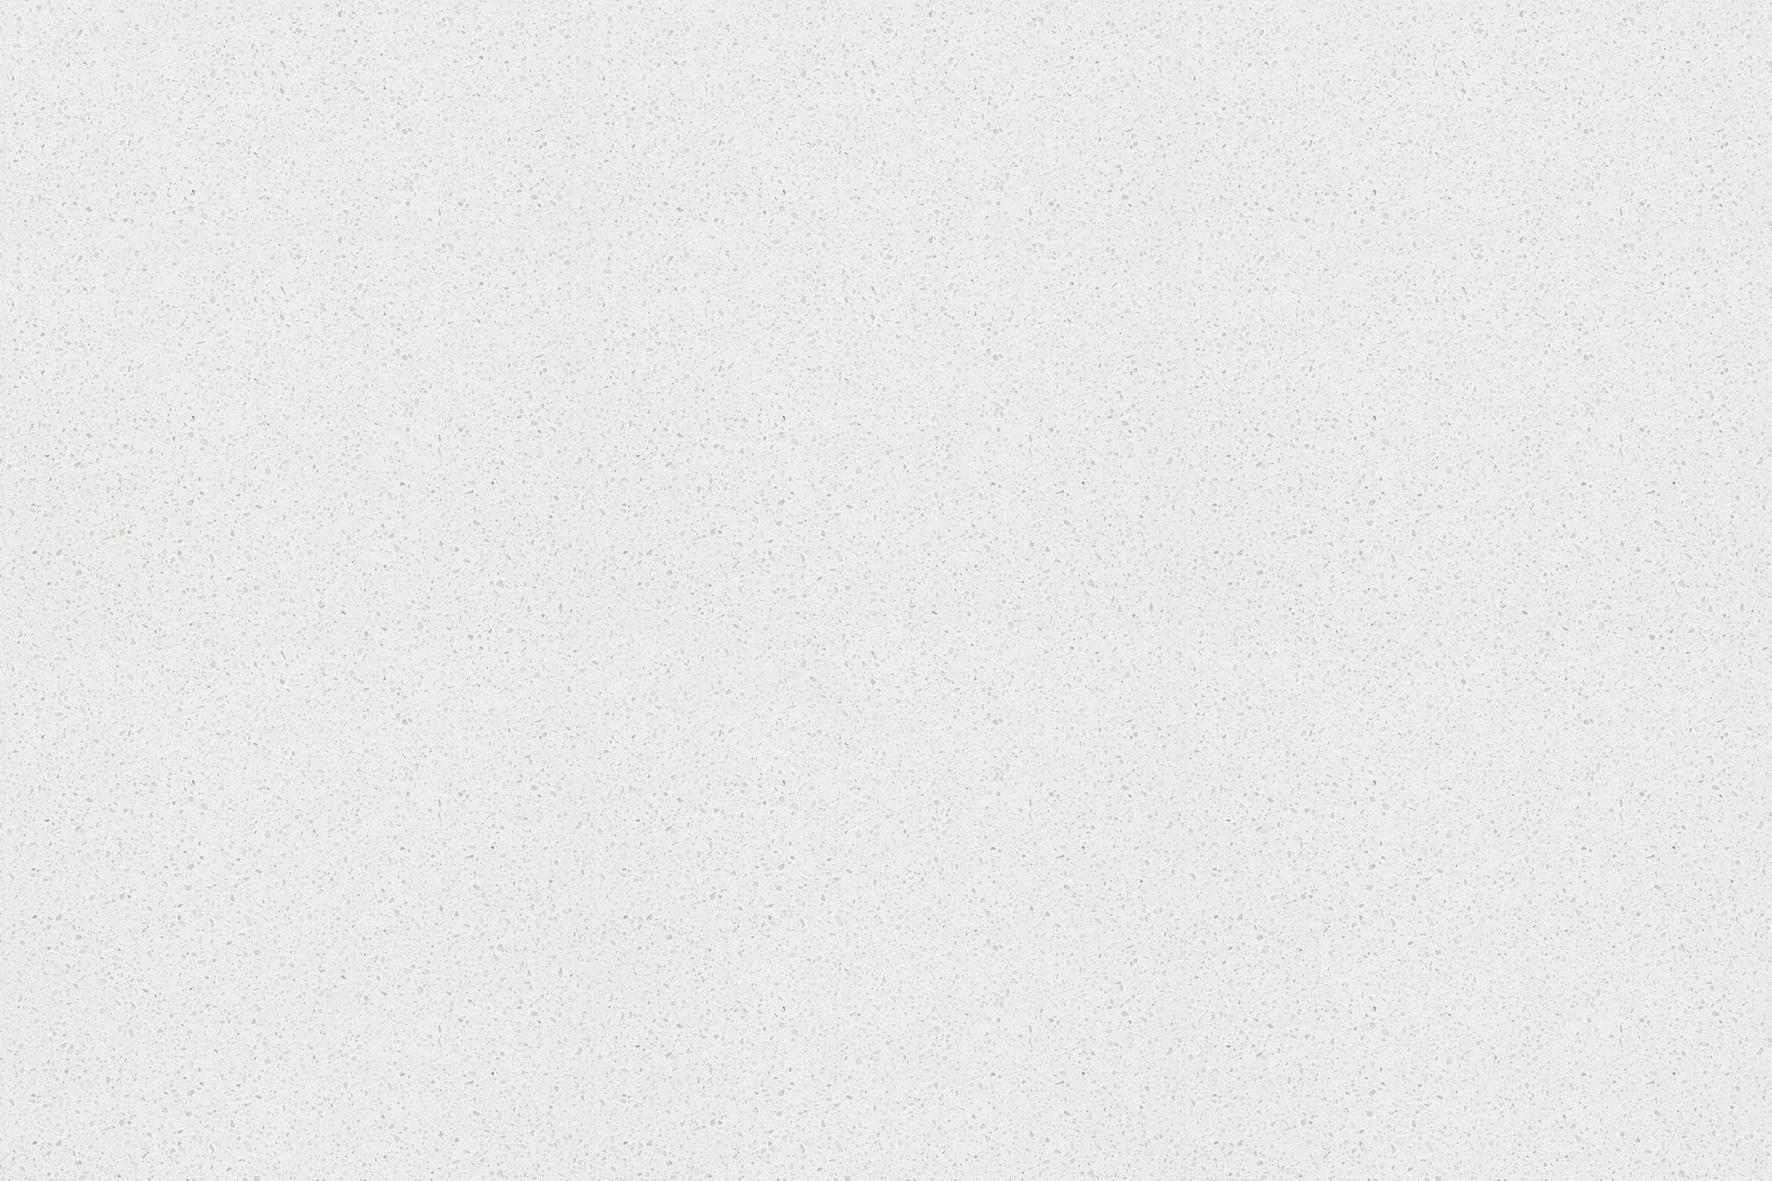 ARCTIC WHITE-UNIPLUS - UNIPLUS-LUCIDE Foto: 1_58334_37607.jpg